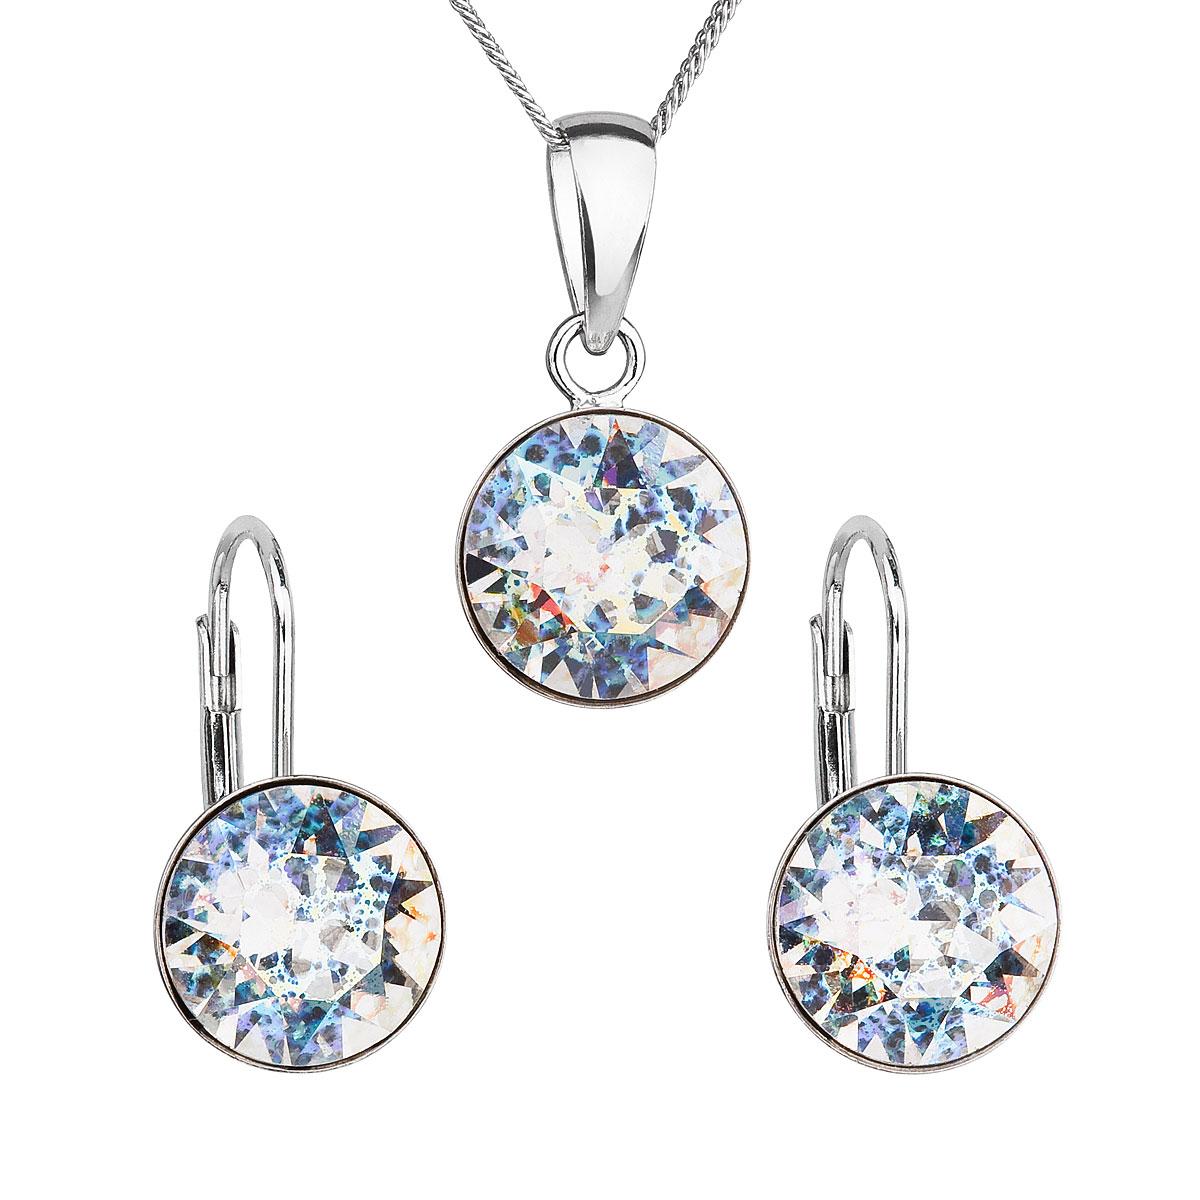 Sada šperkov s krištáľmi Swarovski náušnice, retiazka a prívesok biele strieborné okrúhle39140.5